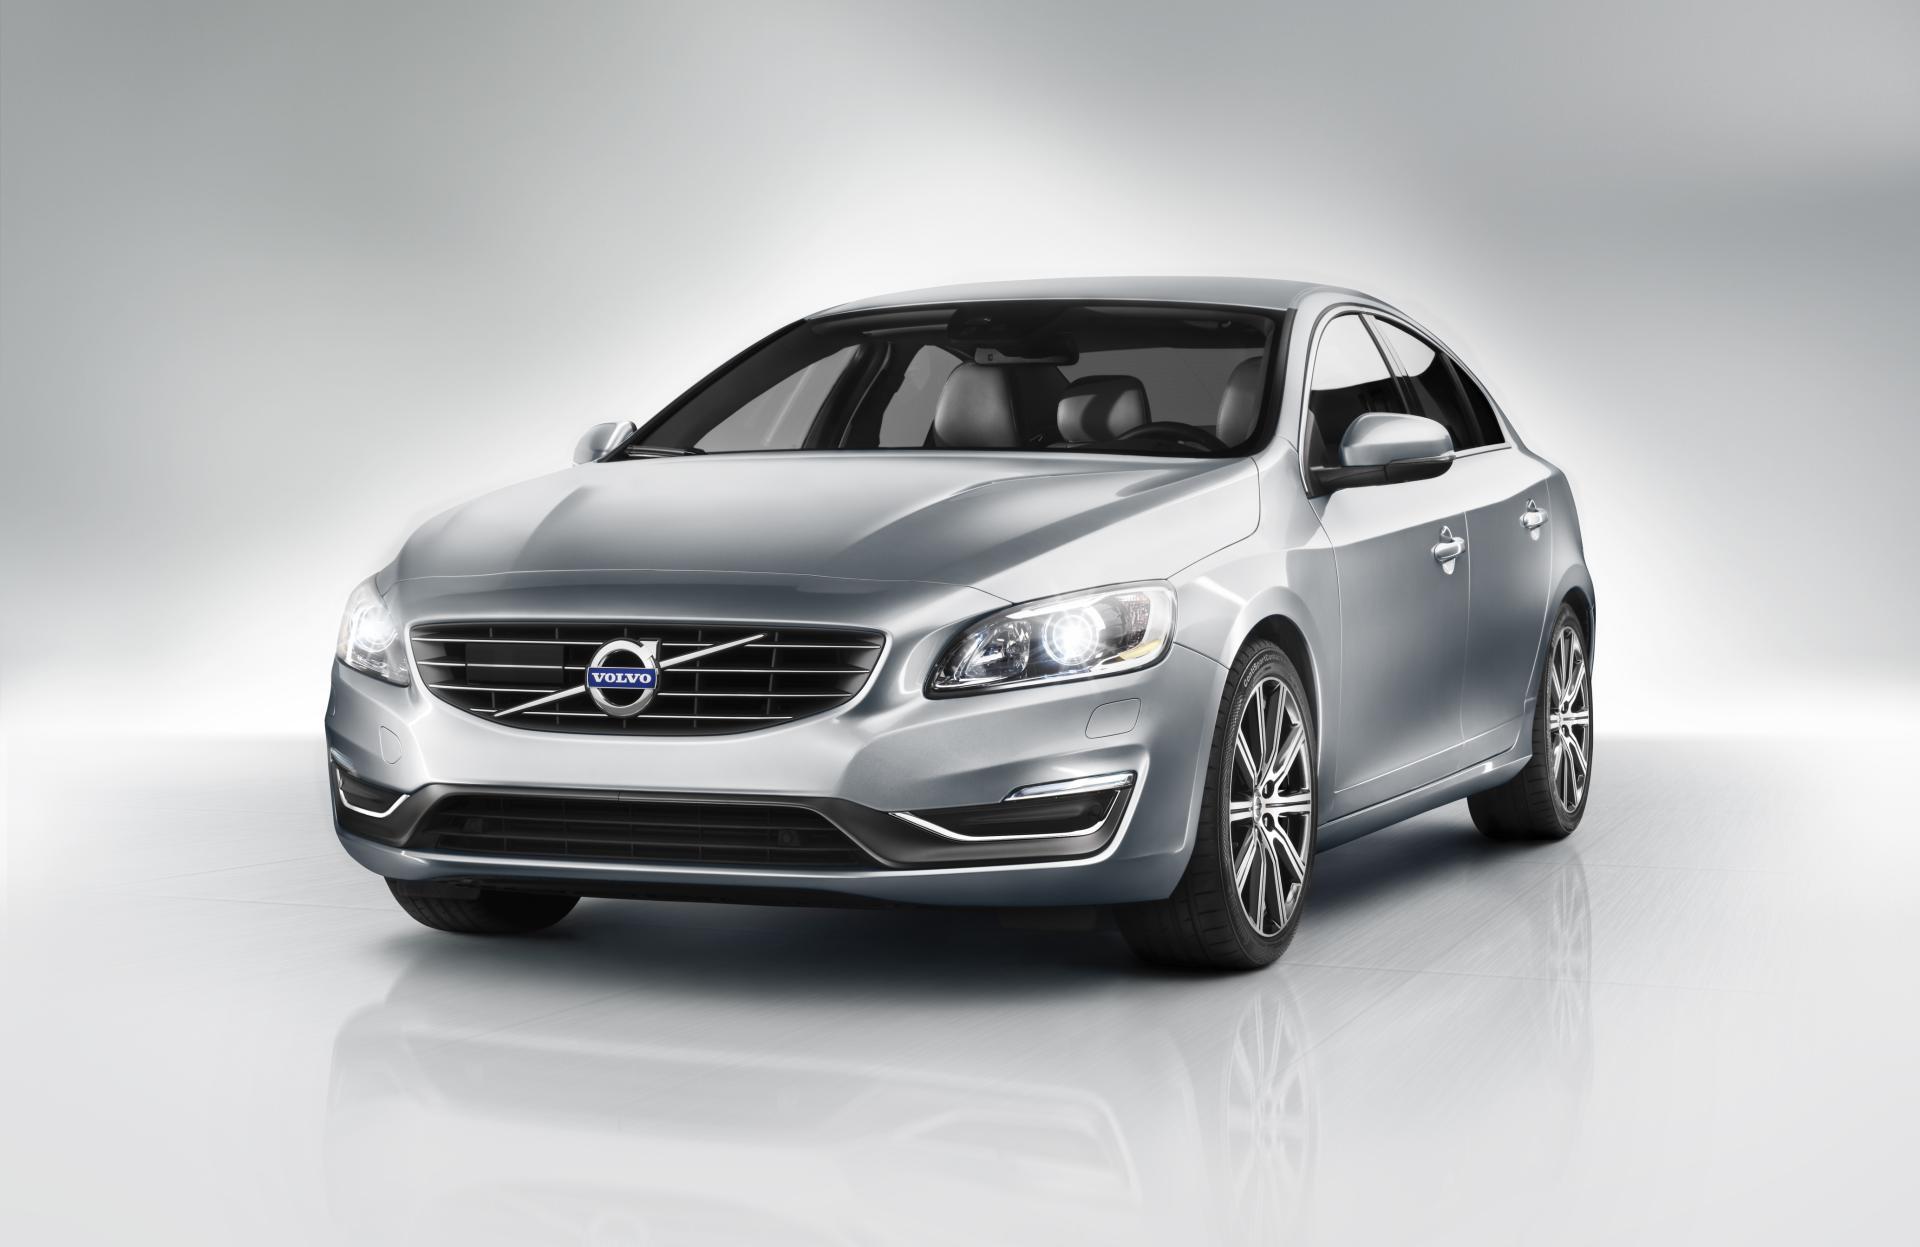 2014 Volvo S60 News and Information - conceptcarz.com